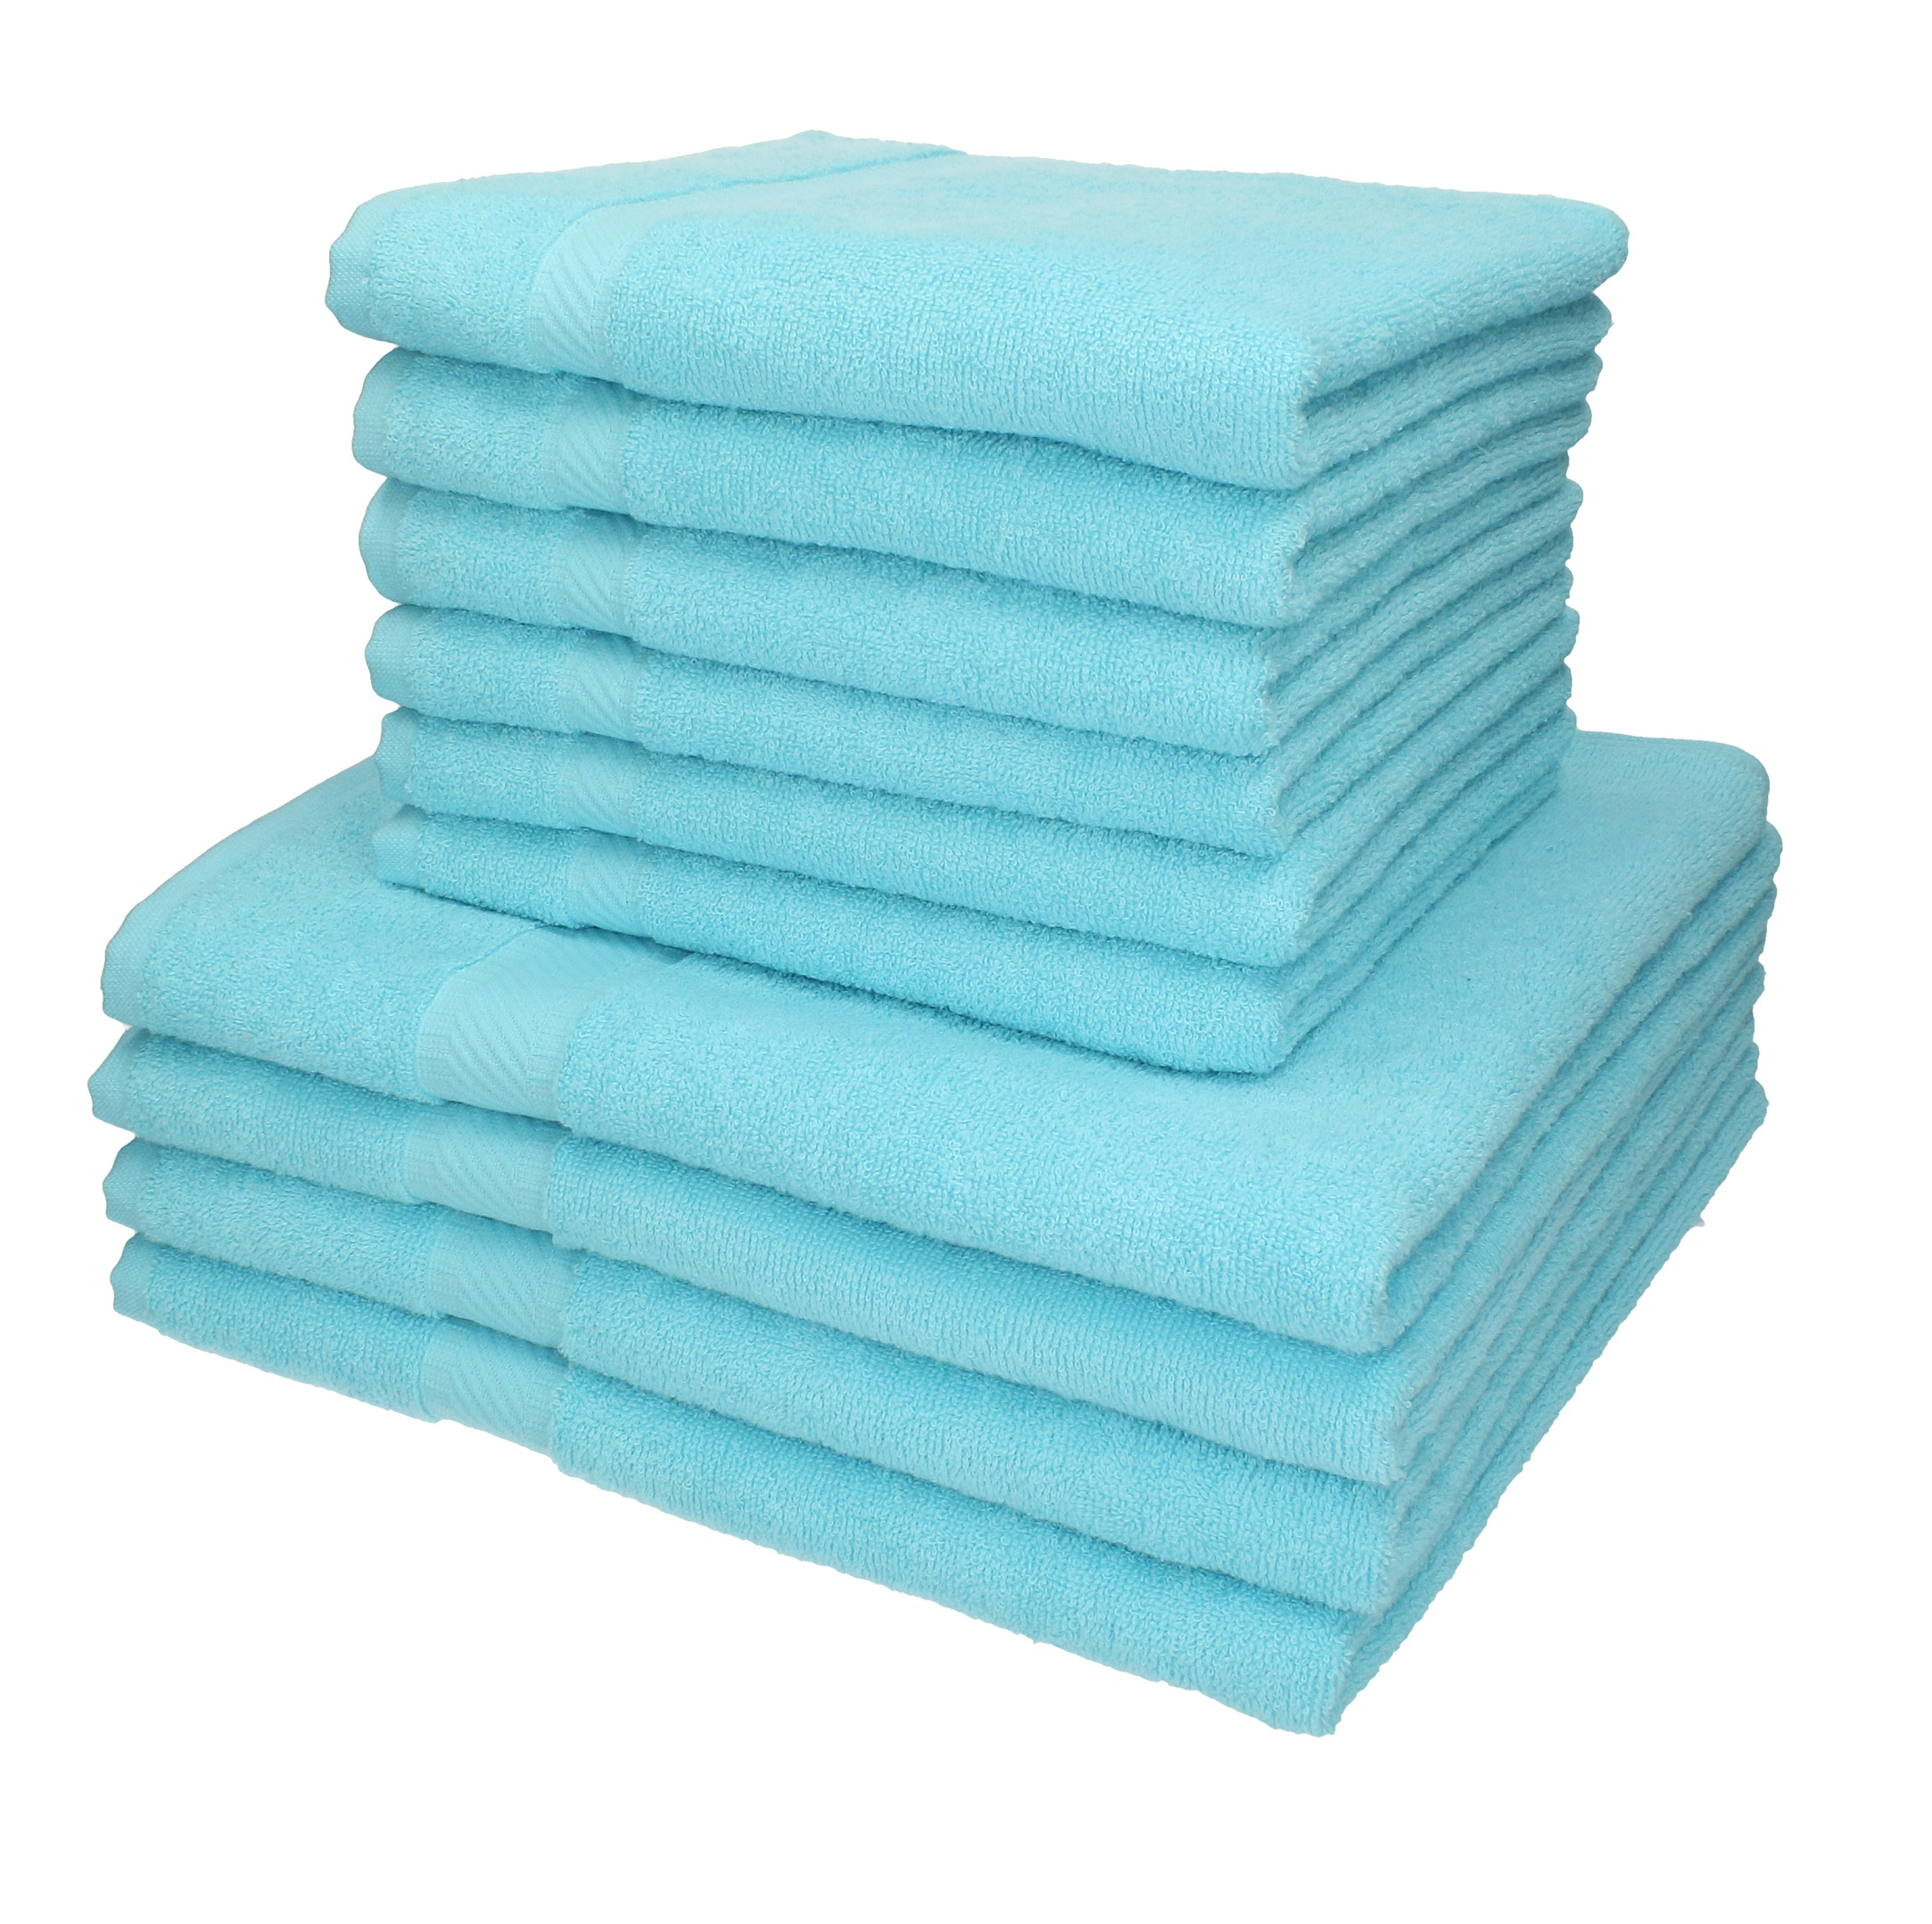 Handtuch-Set PALERMO 100/%Baumwolle verschiedene Farben Betz 12-tlg